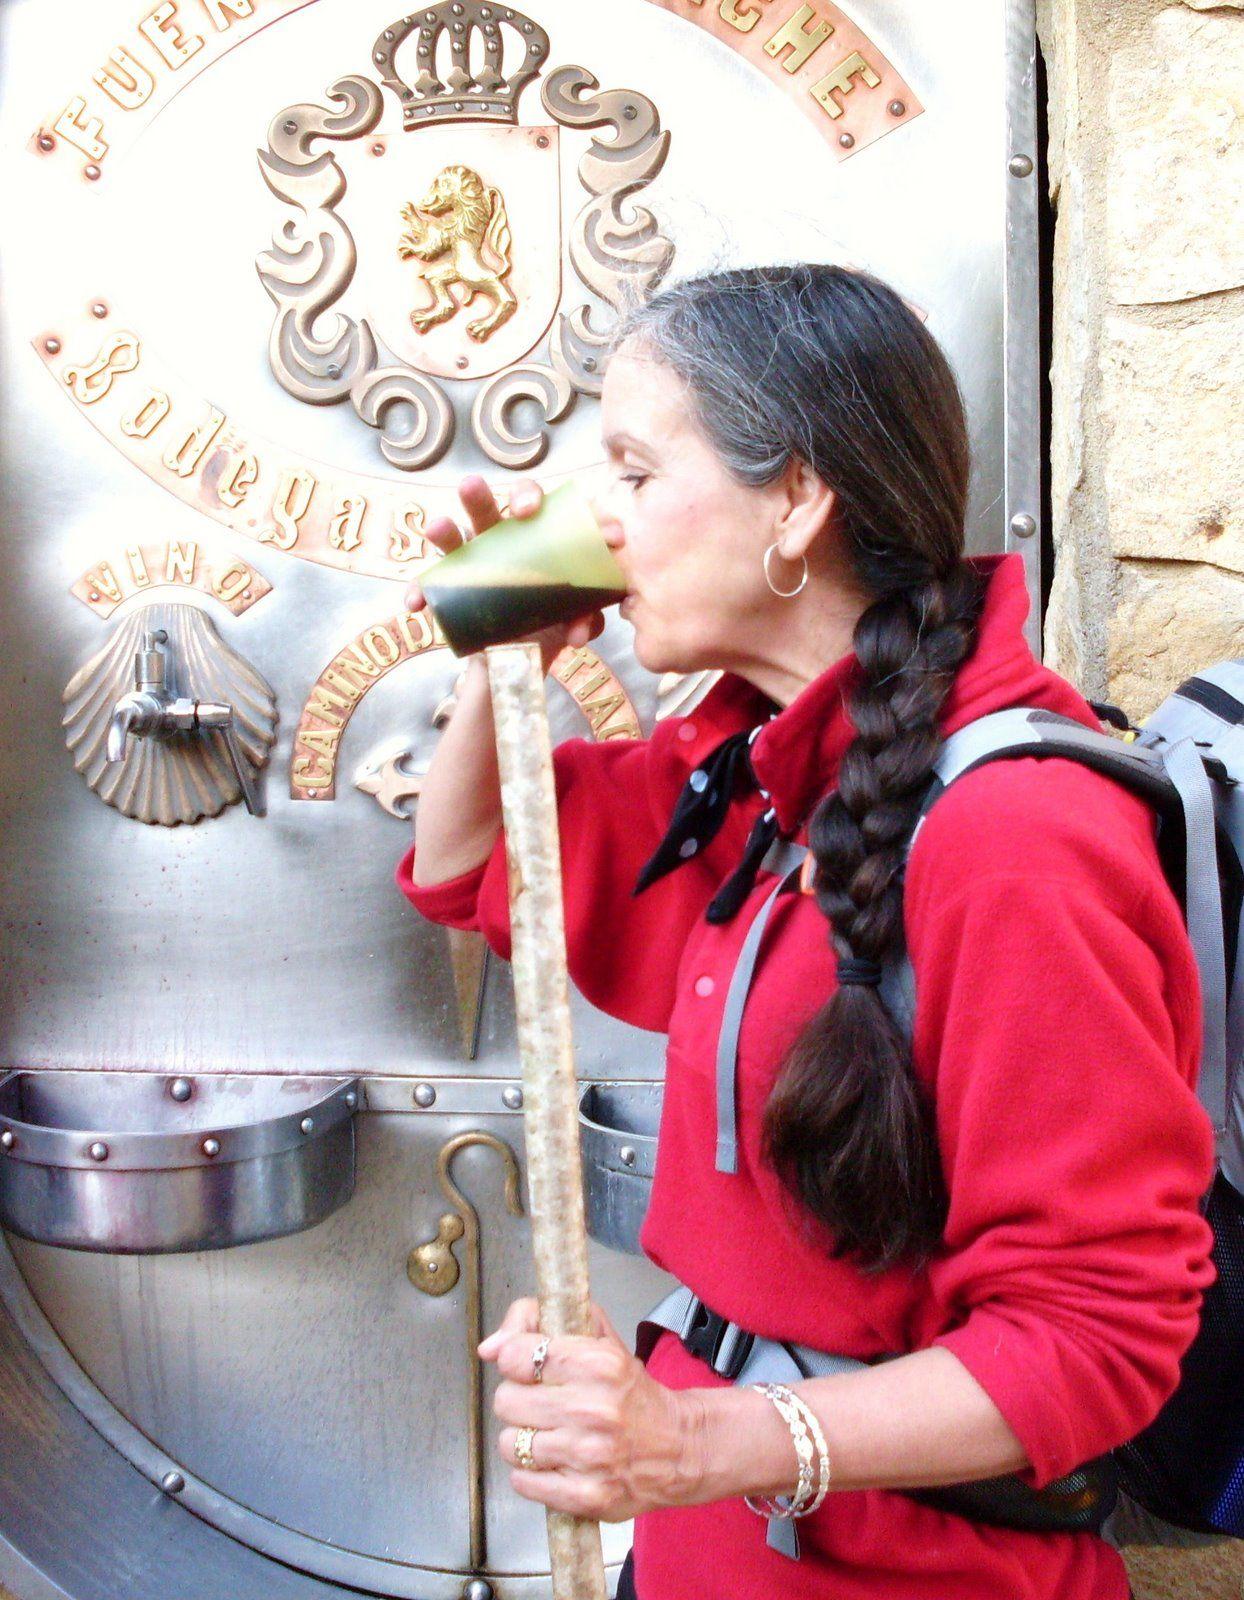 Camino Trip April May 2009 090 Jpg Image Camino De Santiago Santiago De Compostela Santiago